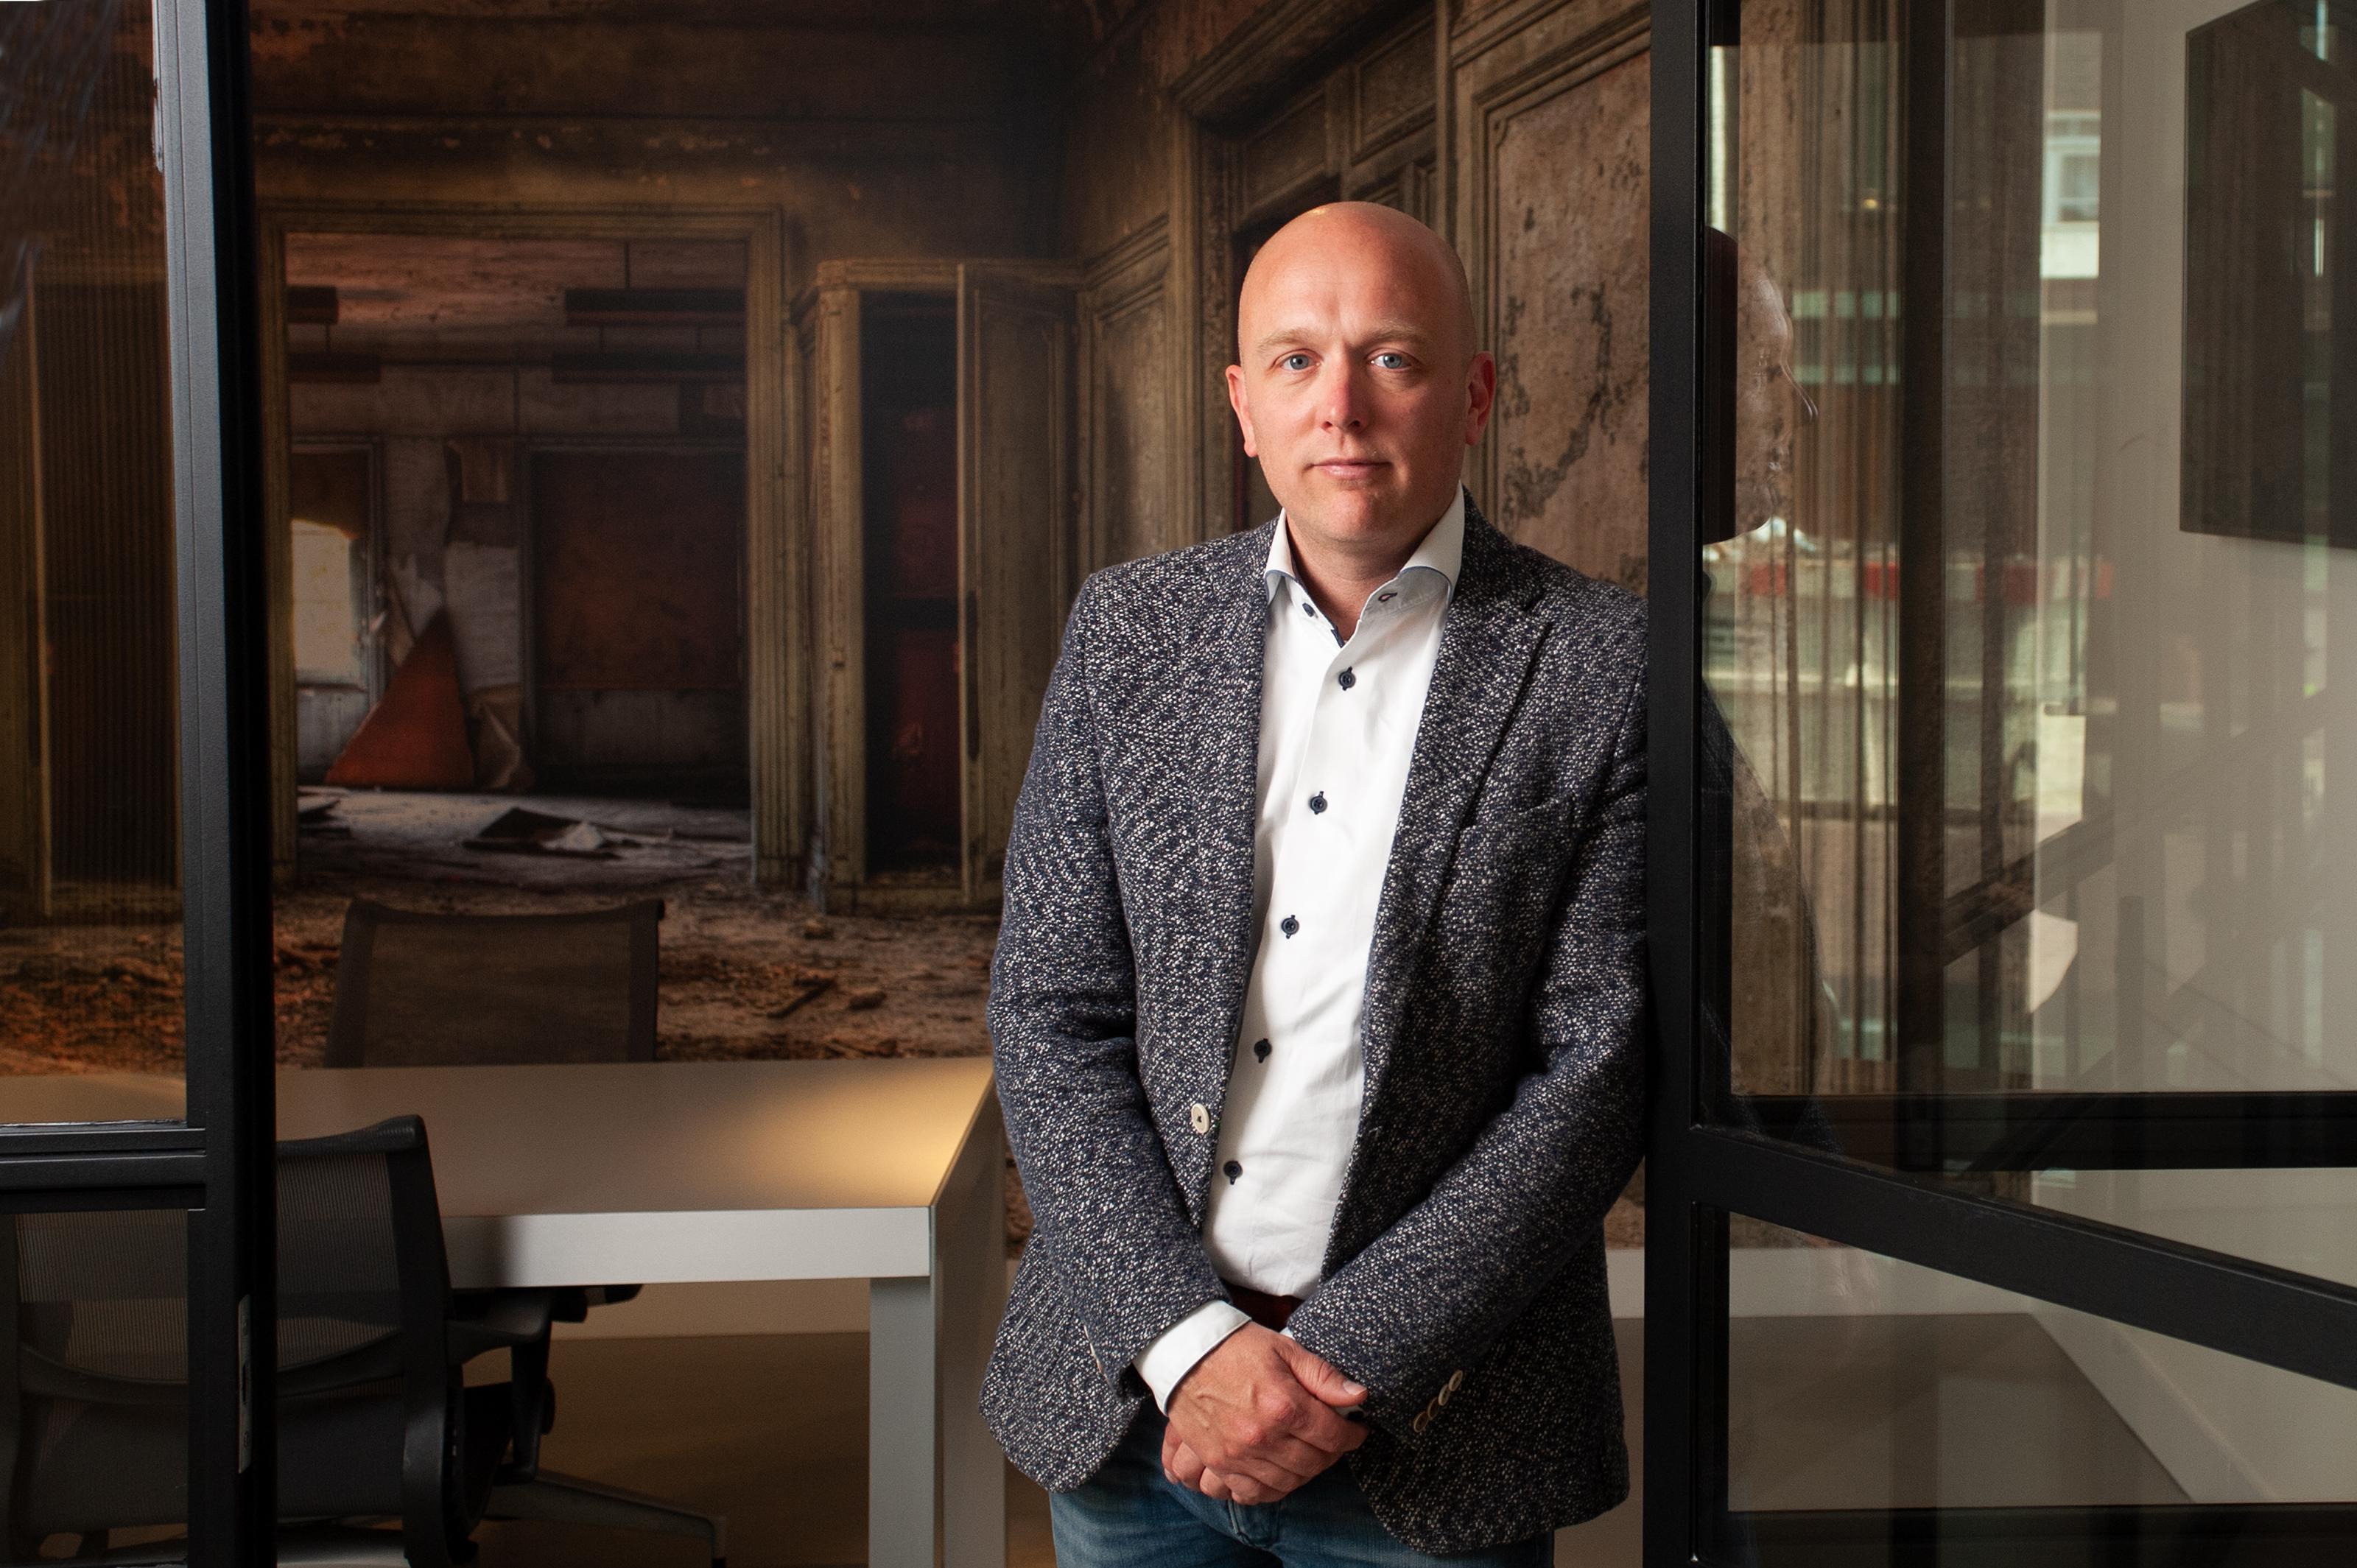 portretfoto Arthur Planken